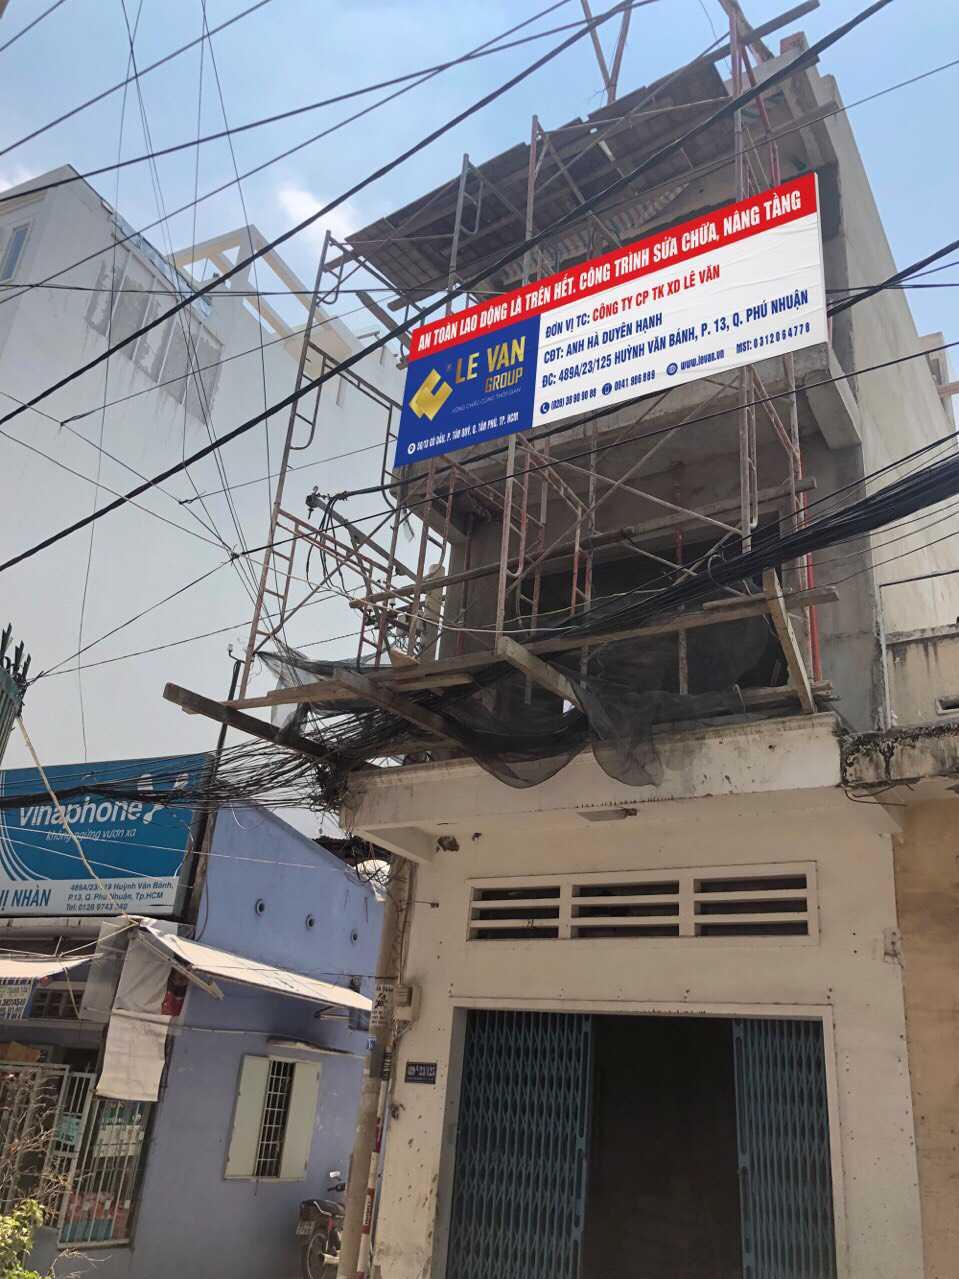 Công trình sửa chữa, nâng tầng anh Hà Duyên Hạnh tại Phú Nhuận